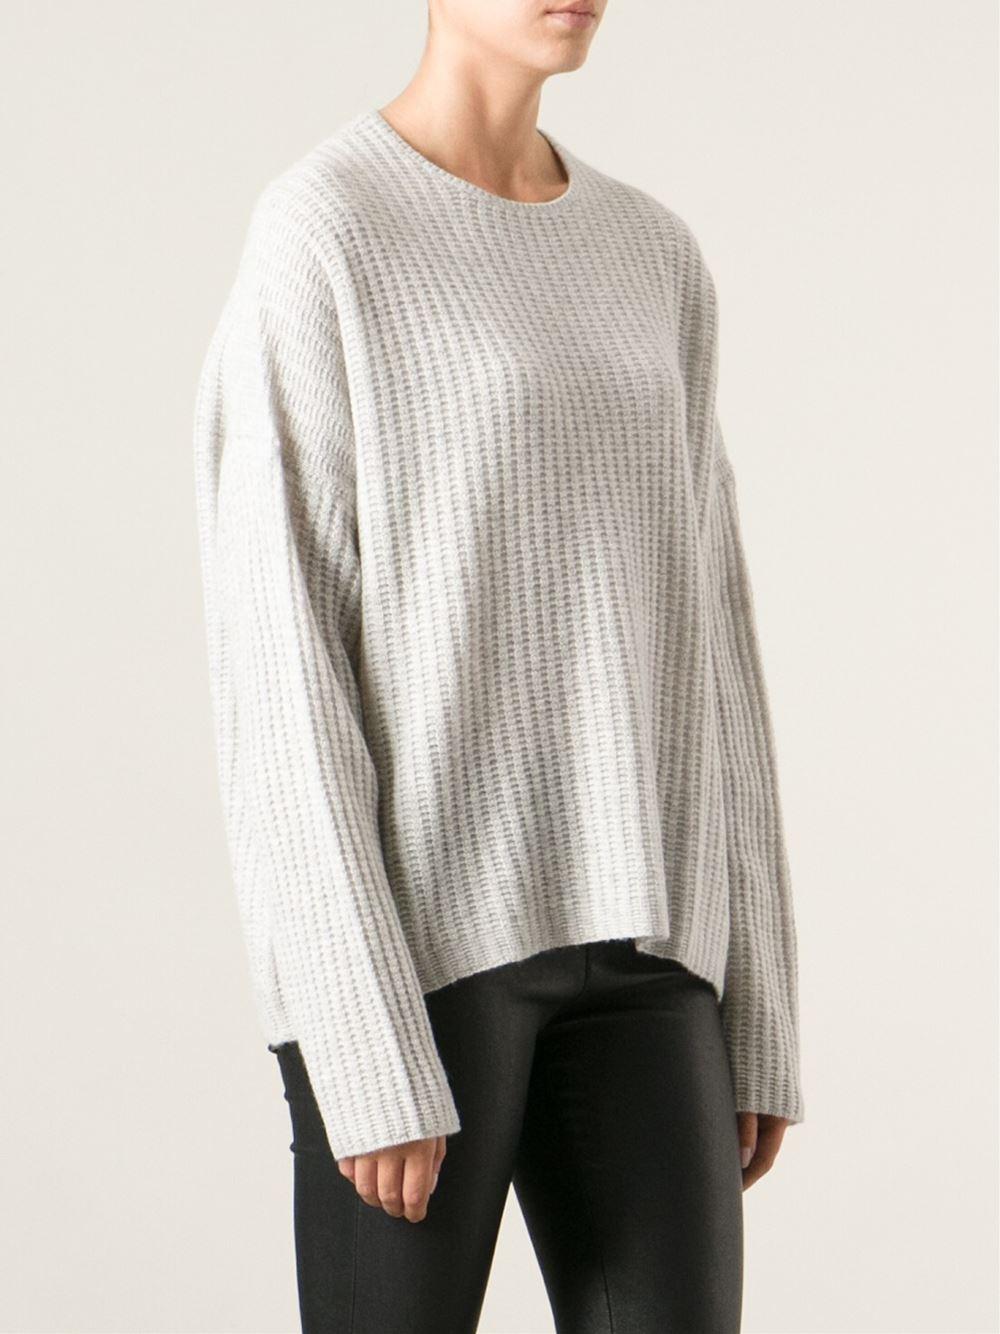 Zadig & voltaire 'markus' sweater